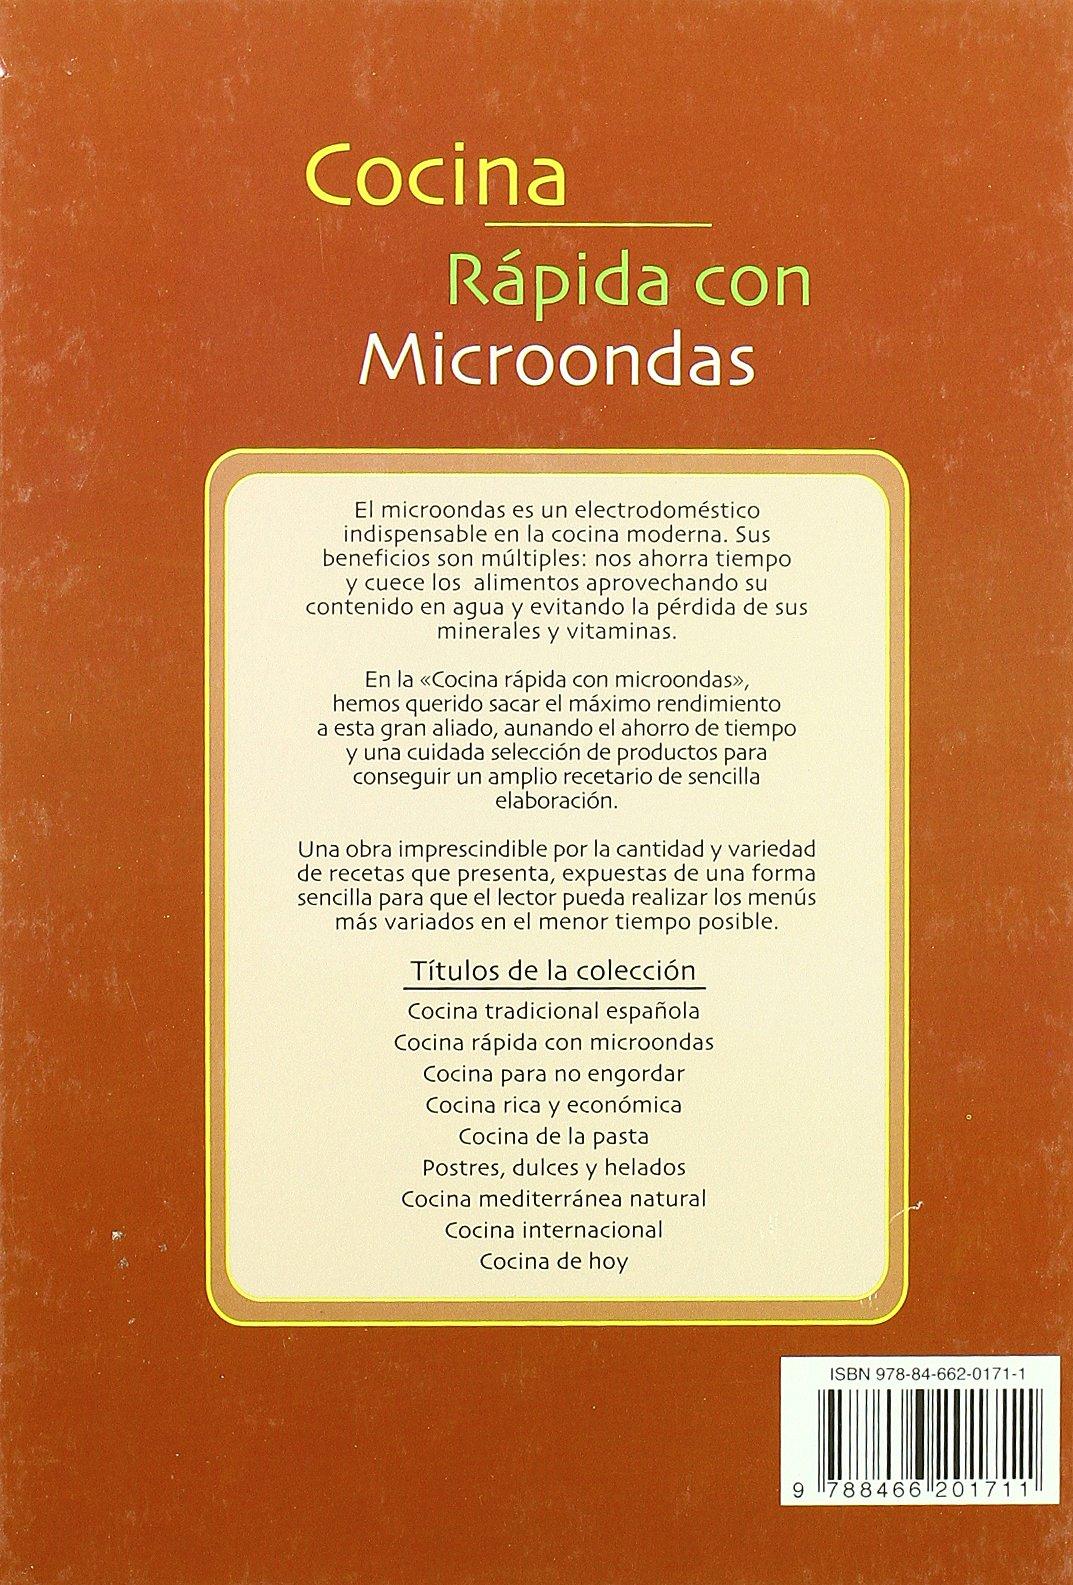 Cocina Rápida con Microondas (La Mejor Gastronomía): Amazon.es: Gloria Sanjuan: Libros